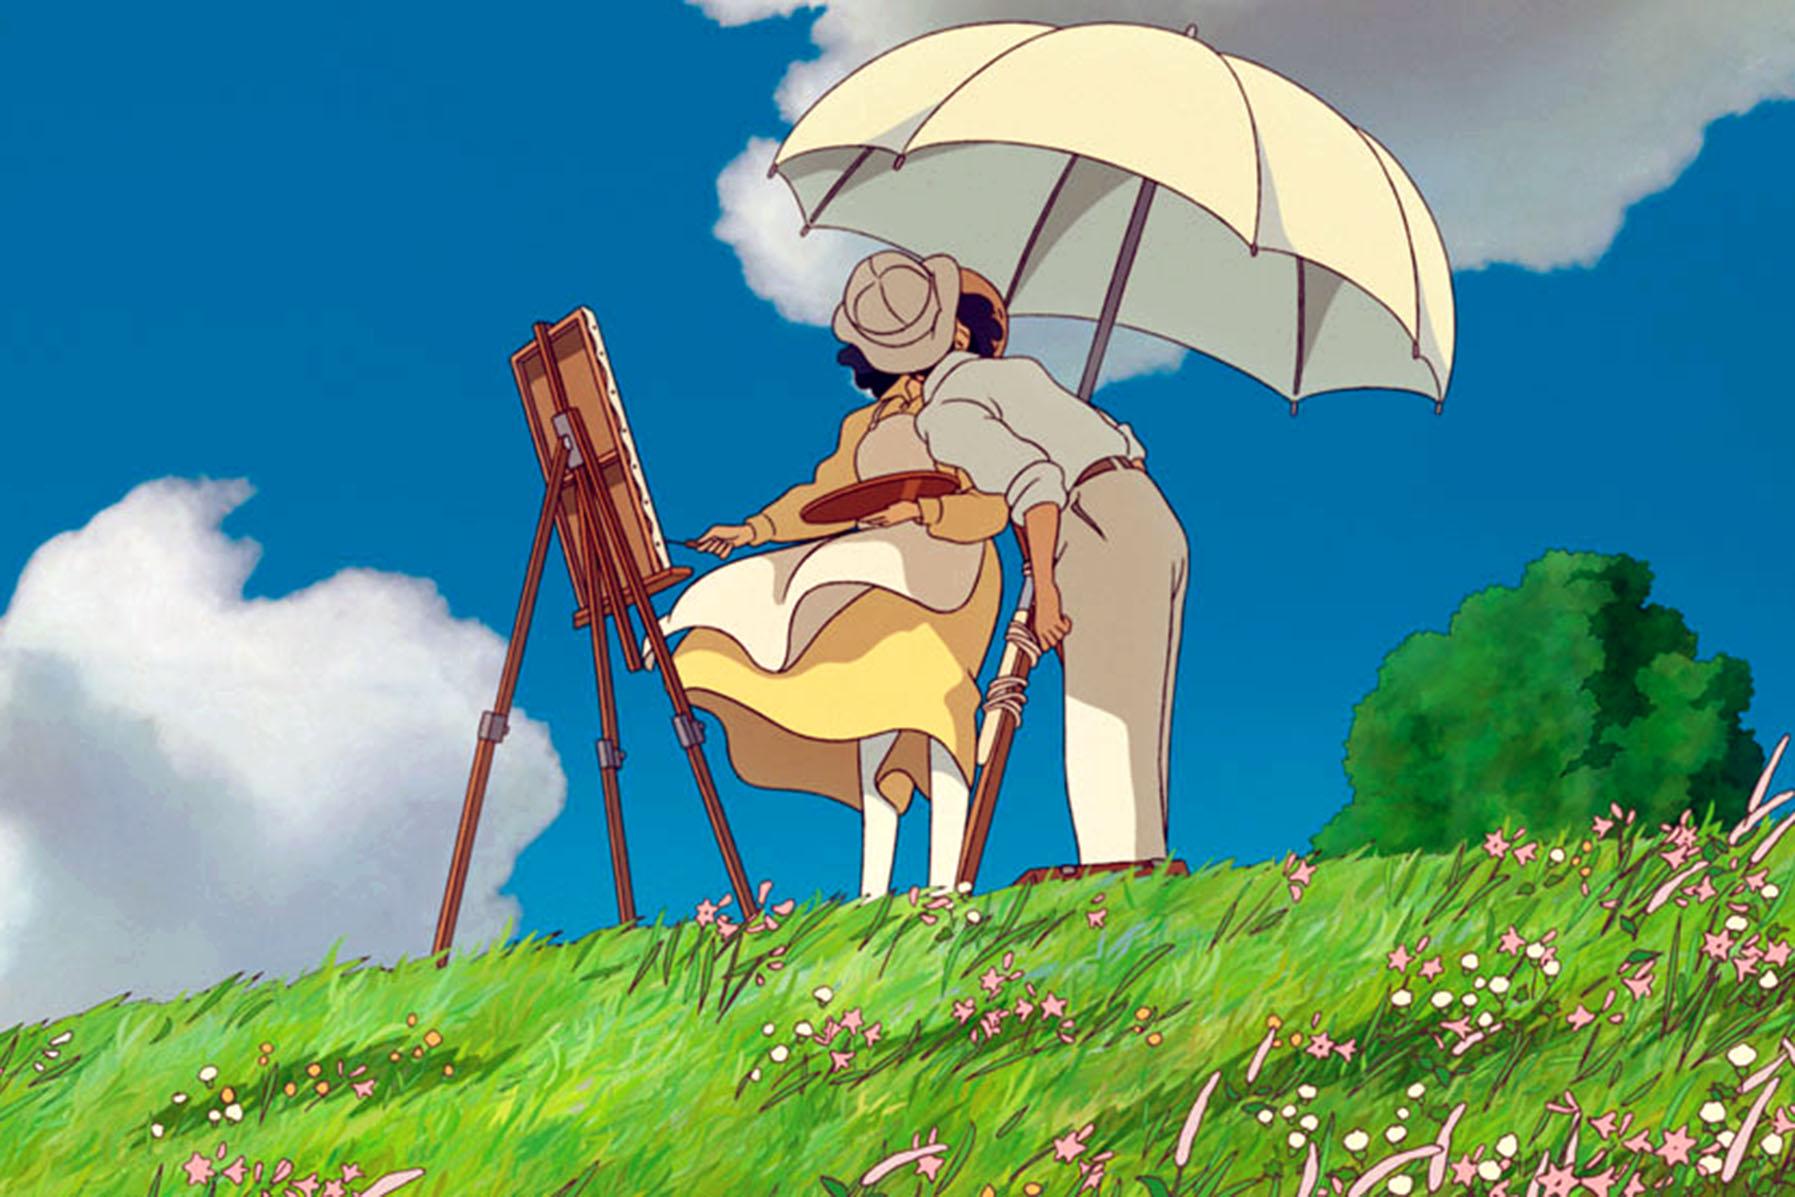 Le vent se lève © 2013 Studio Ghibli/NDHDMTK